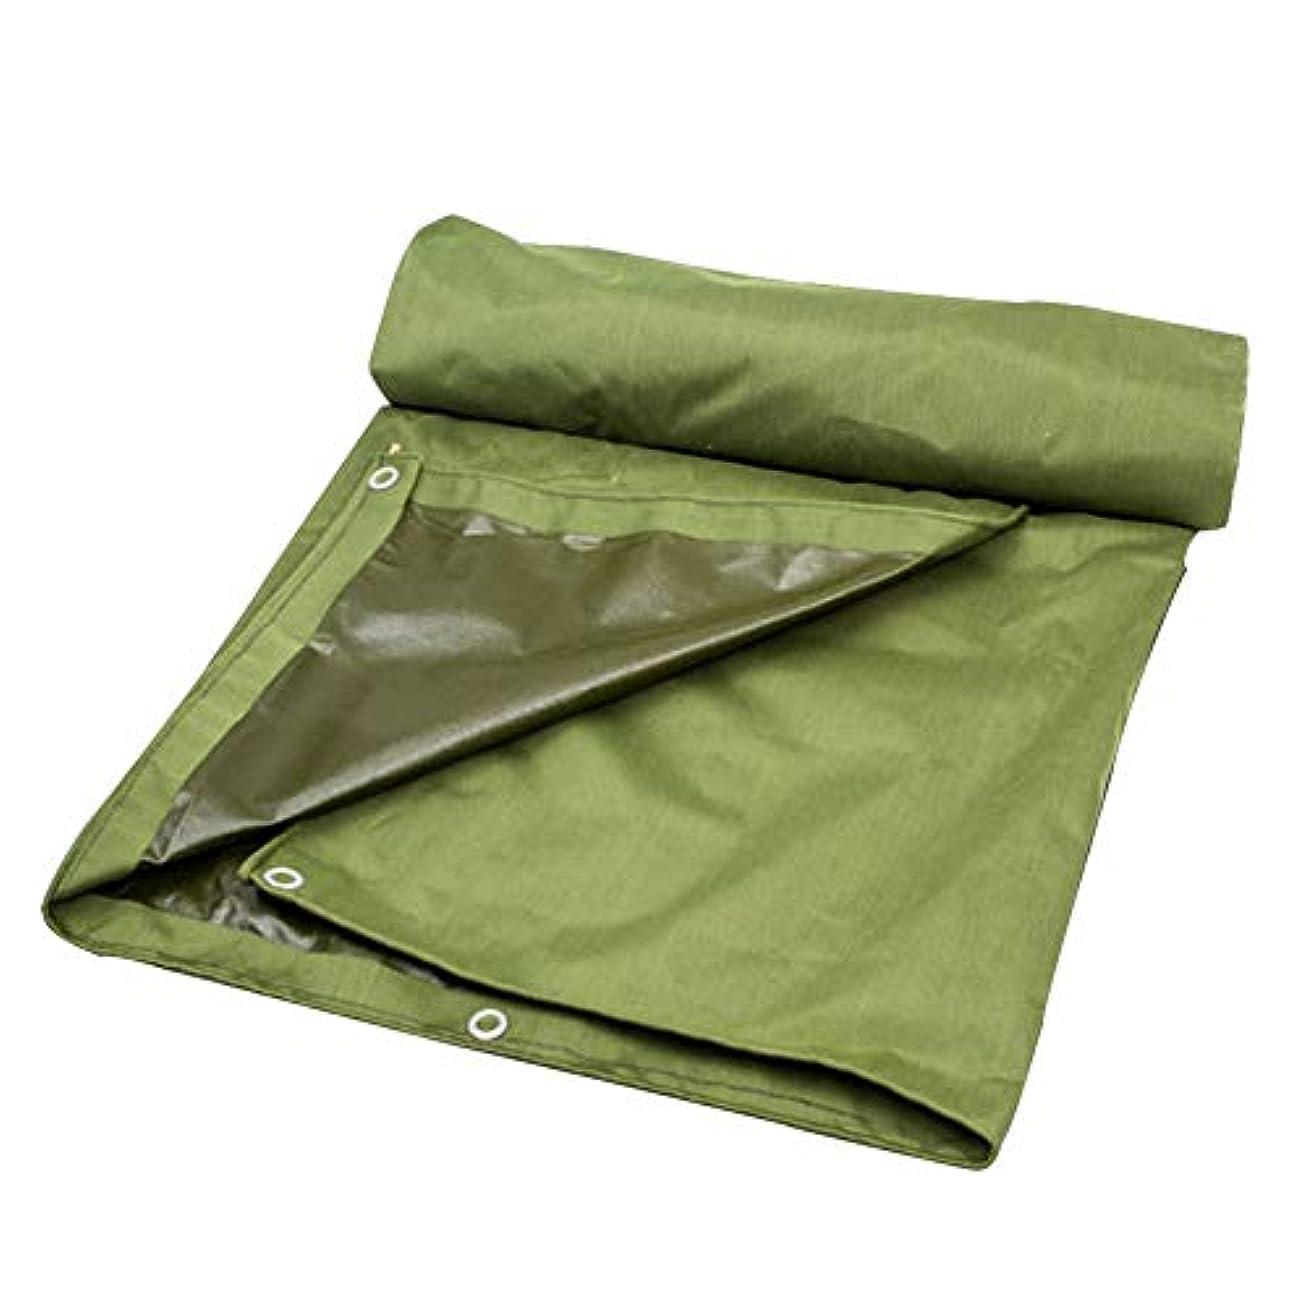 どこでも天のじゃないLixingmingqi 防水シート車の雨の日焼け止めの防水シート防水の車のカバーは耐摩耗性の布の絶縁材を流しました、か。屋外防水シート